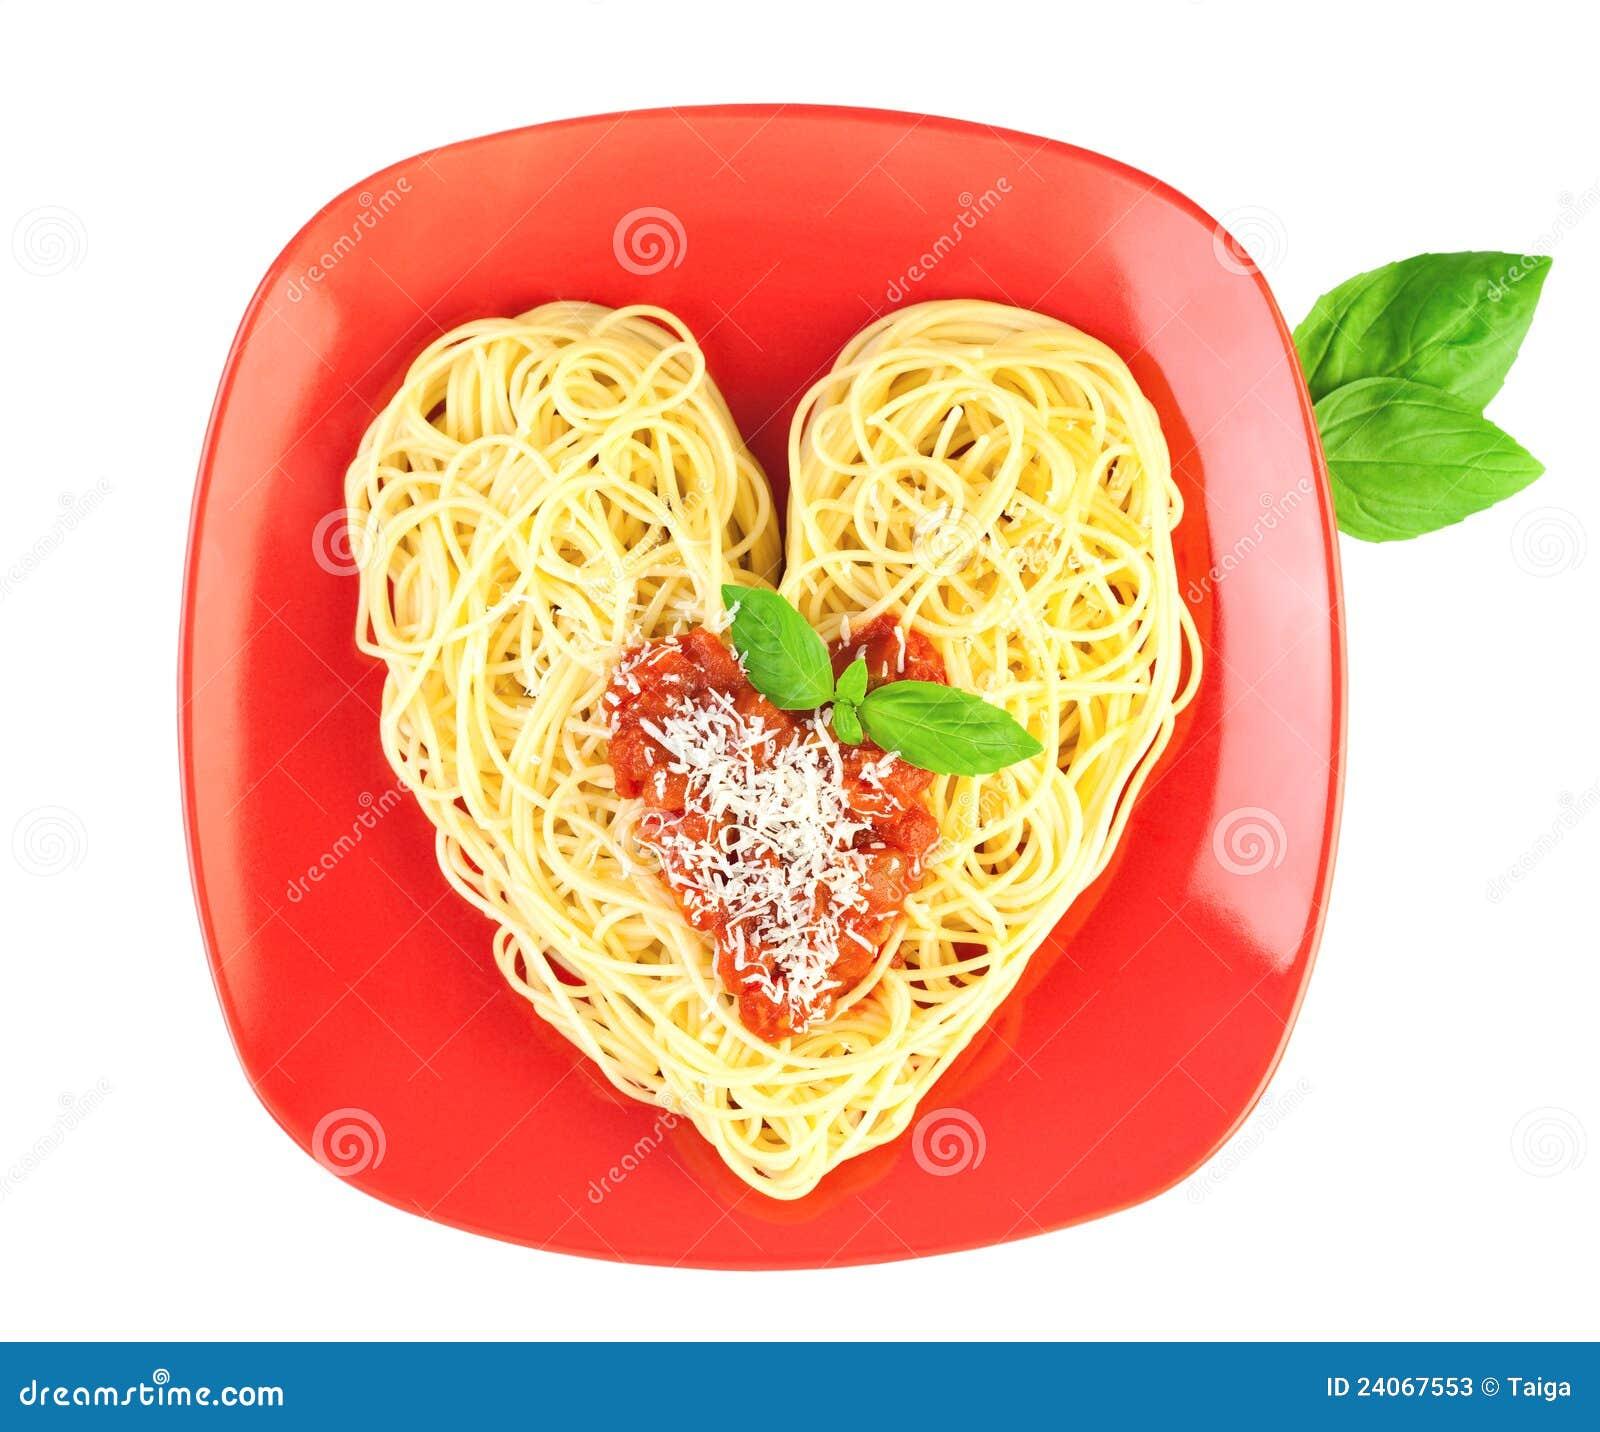 Is Spaghetti Healthy Food